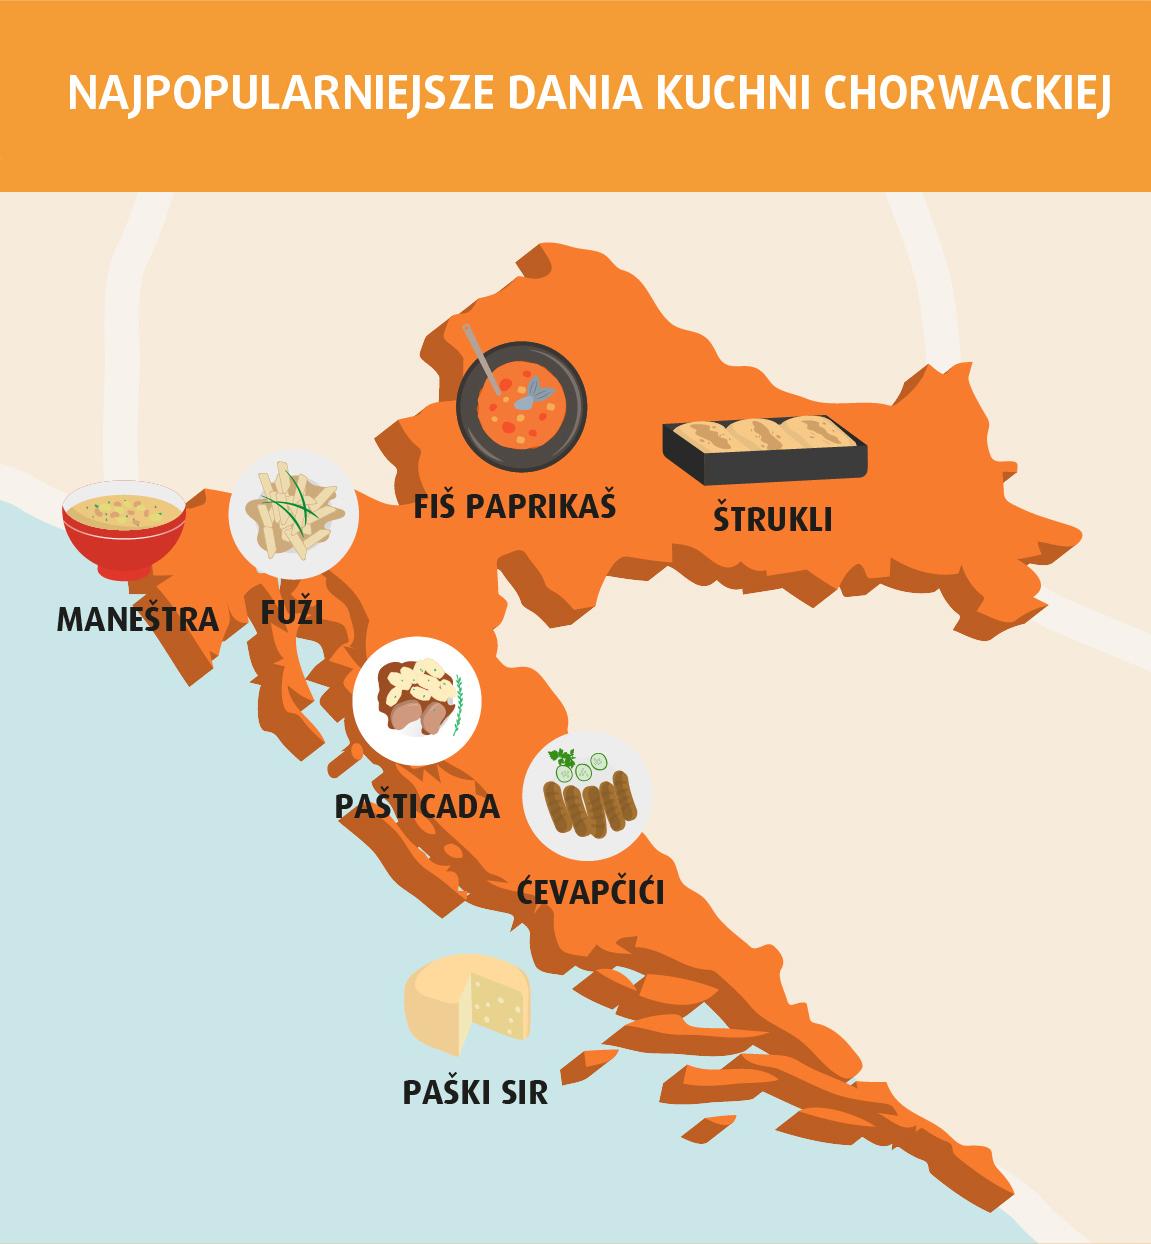 Podróże Kulinarne Poznaj Smaki Chorwacji Włoch I Węgier